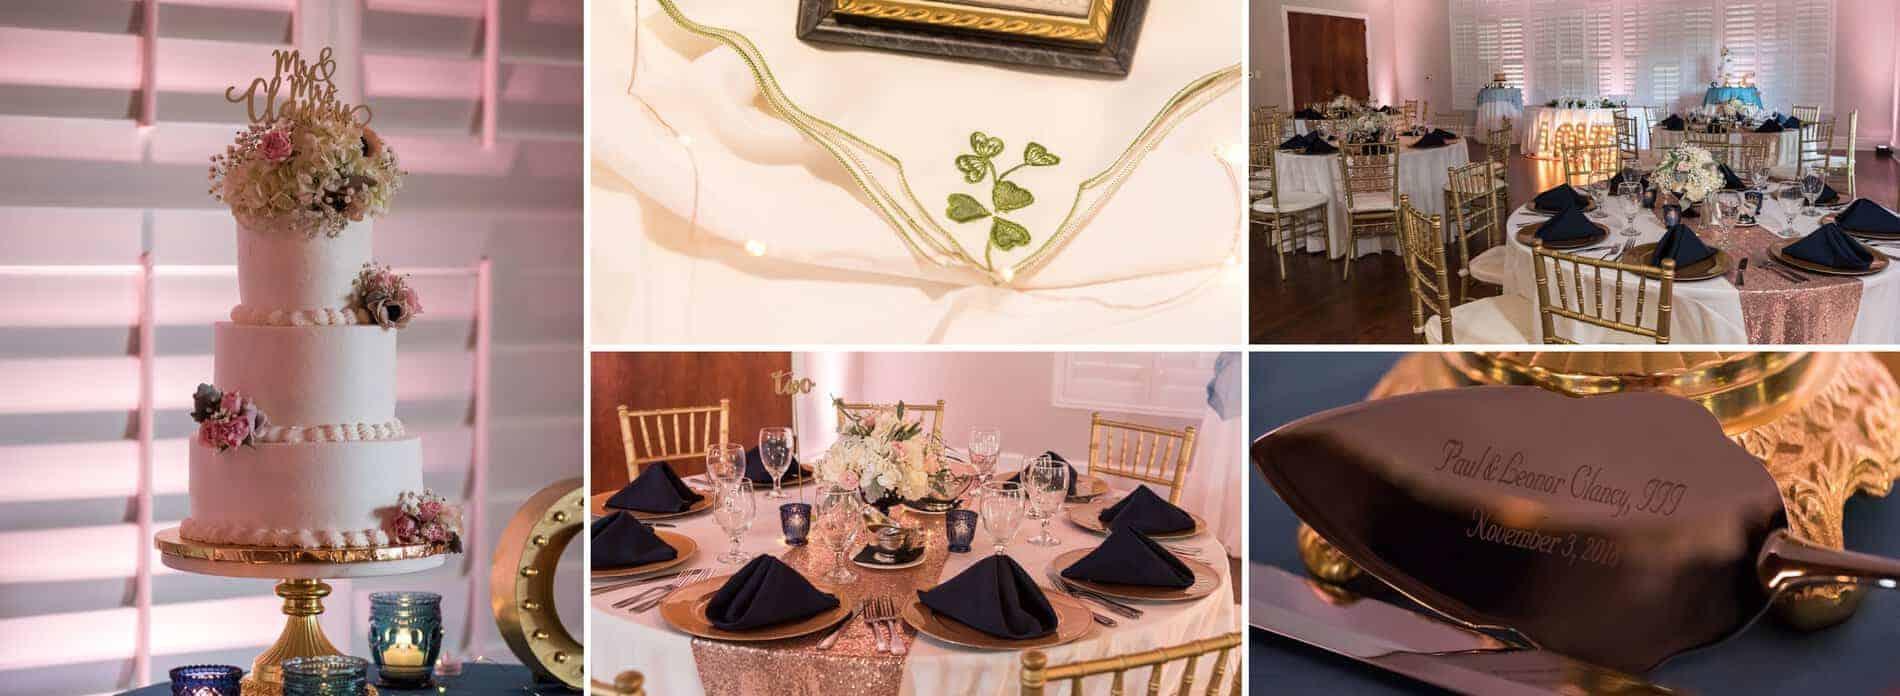 Details at a Golden Bear Wedding Reception